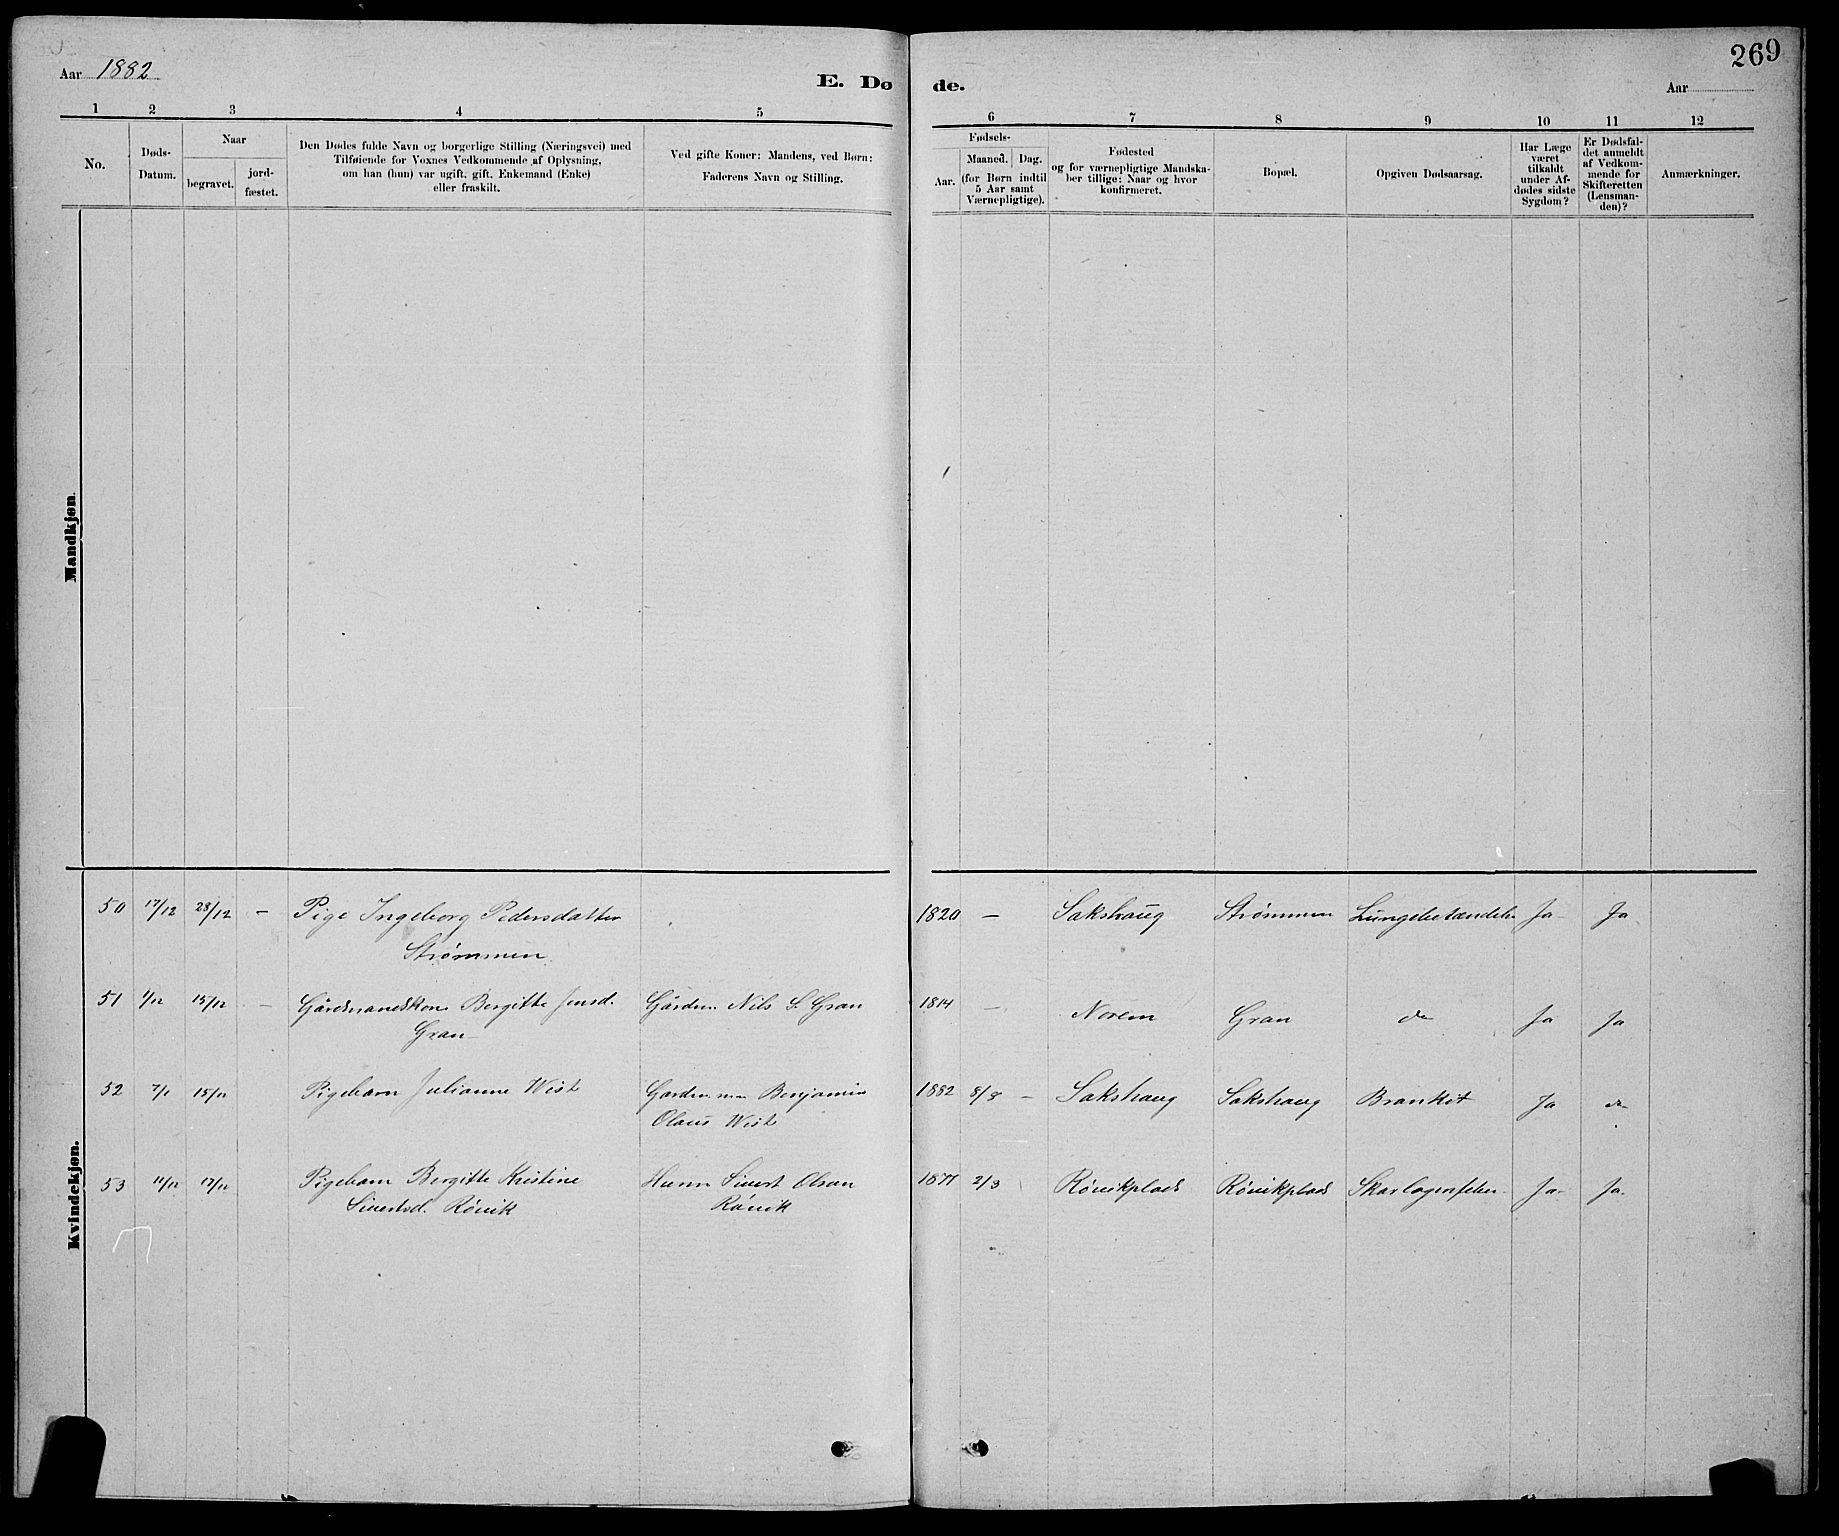 SAT, Ministerialprotokoller, klokkerbøker og fødselsregistre - Nord-Trøndelag, 730/L0301: Klokkerbok nr. 730C04, 1880-1897, s. 269